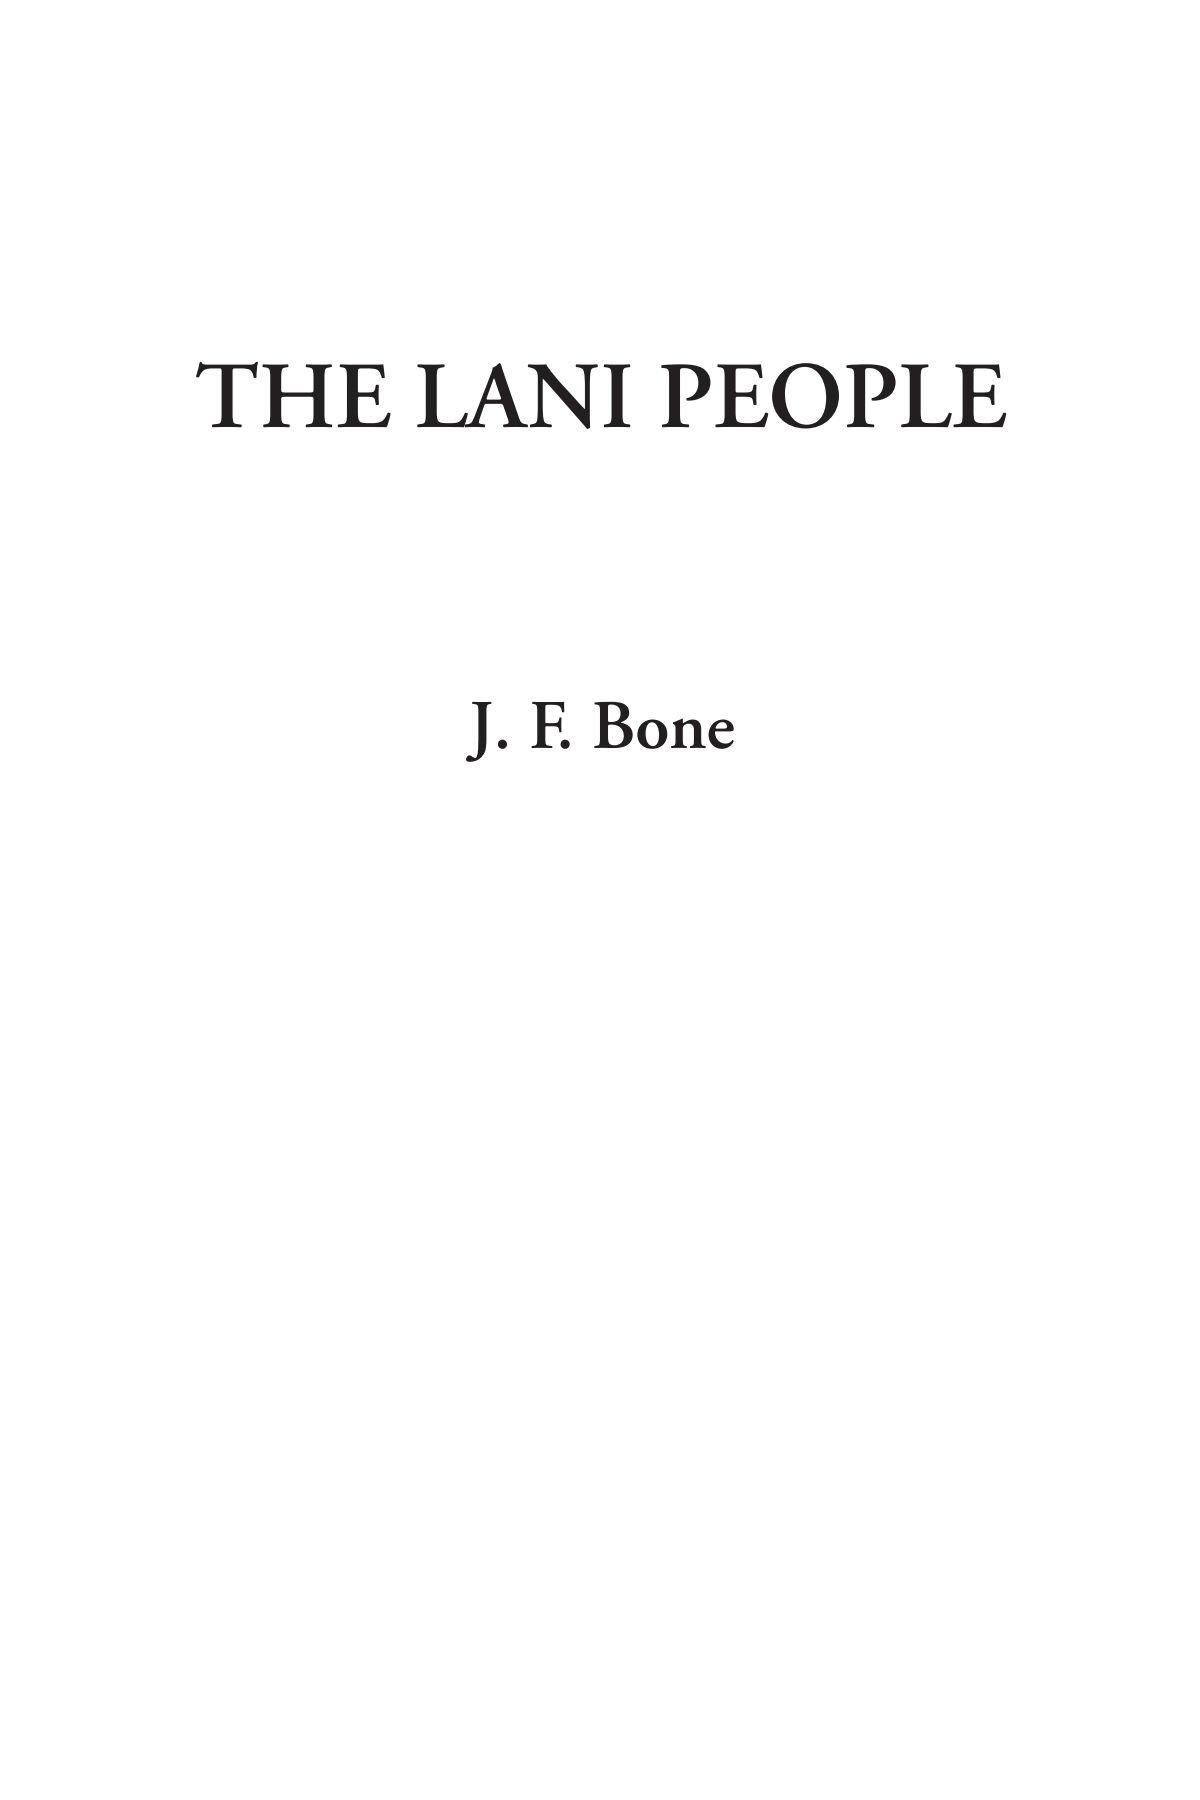 Download The Lani People pdf